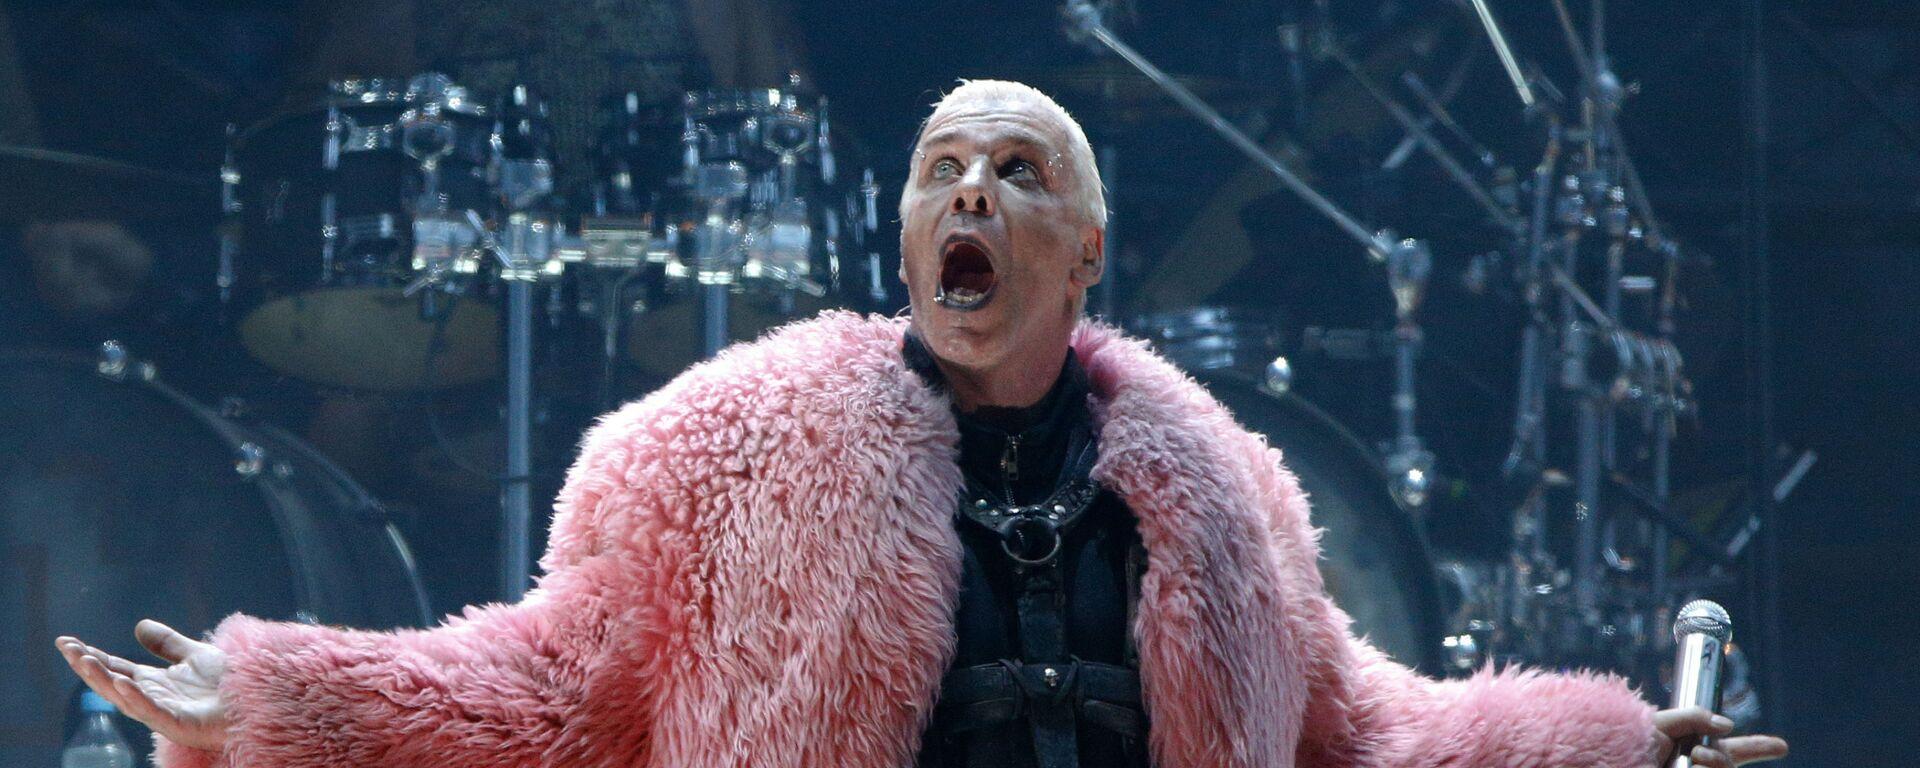 Till Lindemann, frontman německé hudební skupiny Rammstein - Sputnik Česká republika, 1920, 28.05.2021